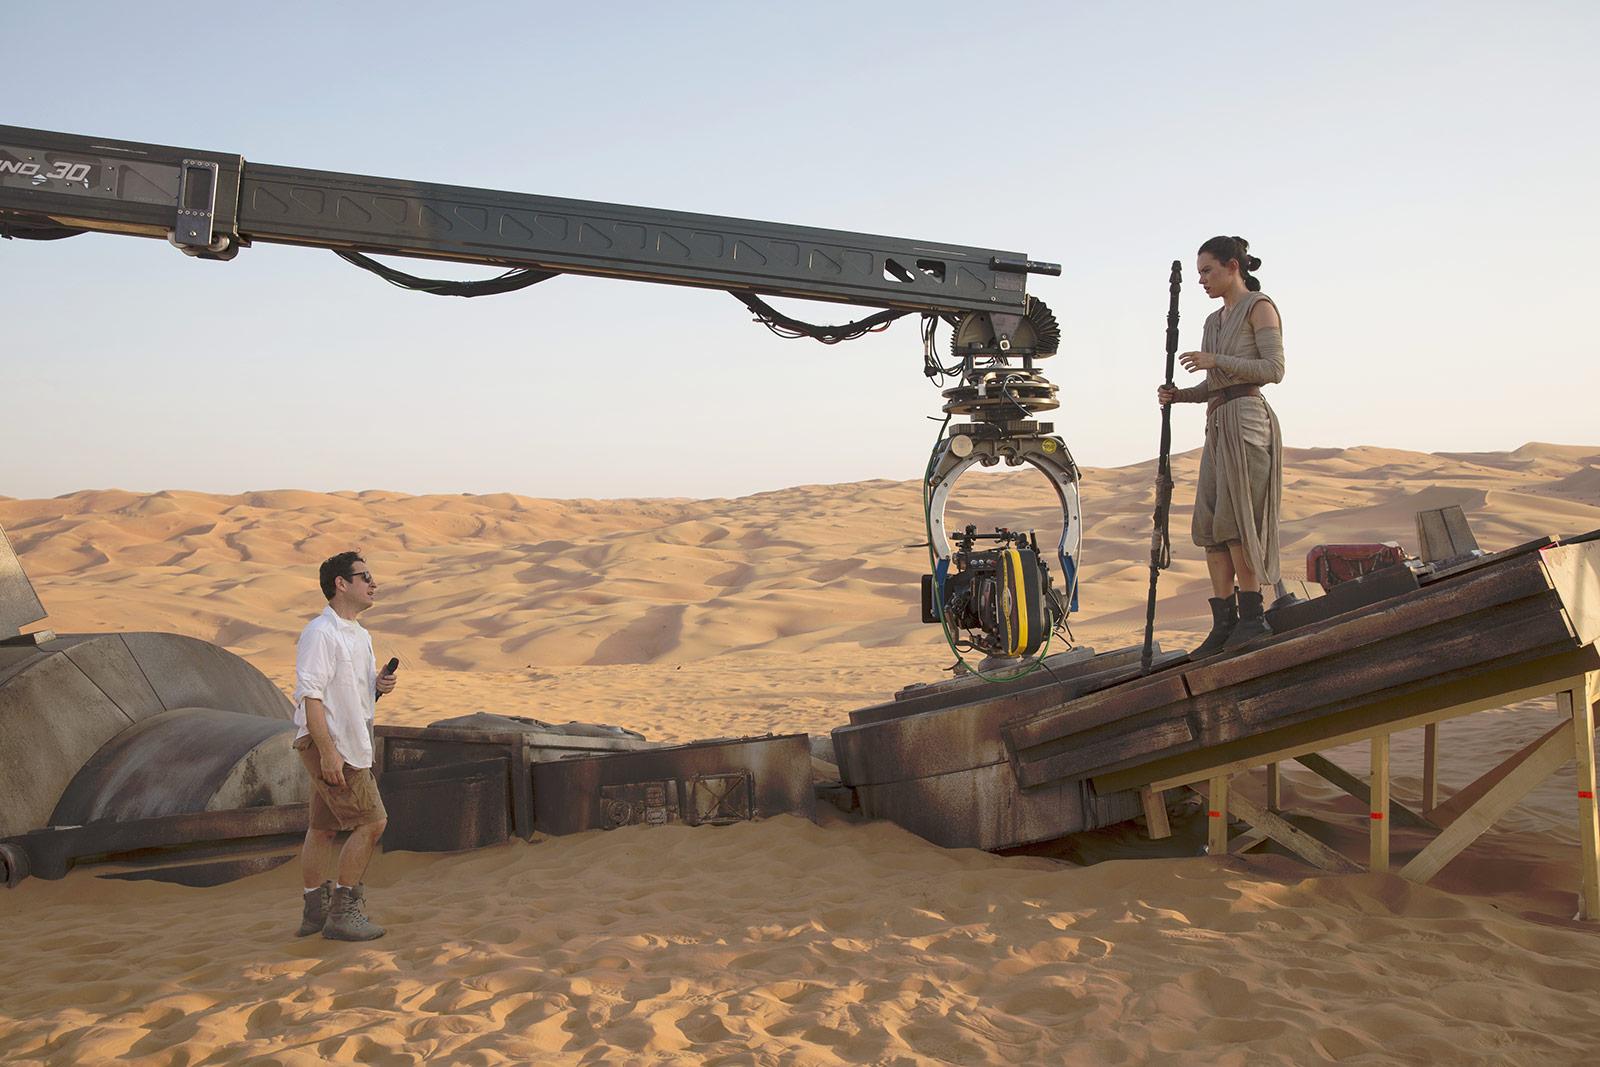 Dans le film, le désert sert de décor à Jakku, la planète d'origine de Rey